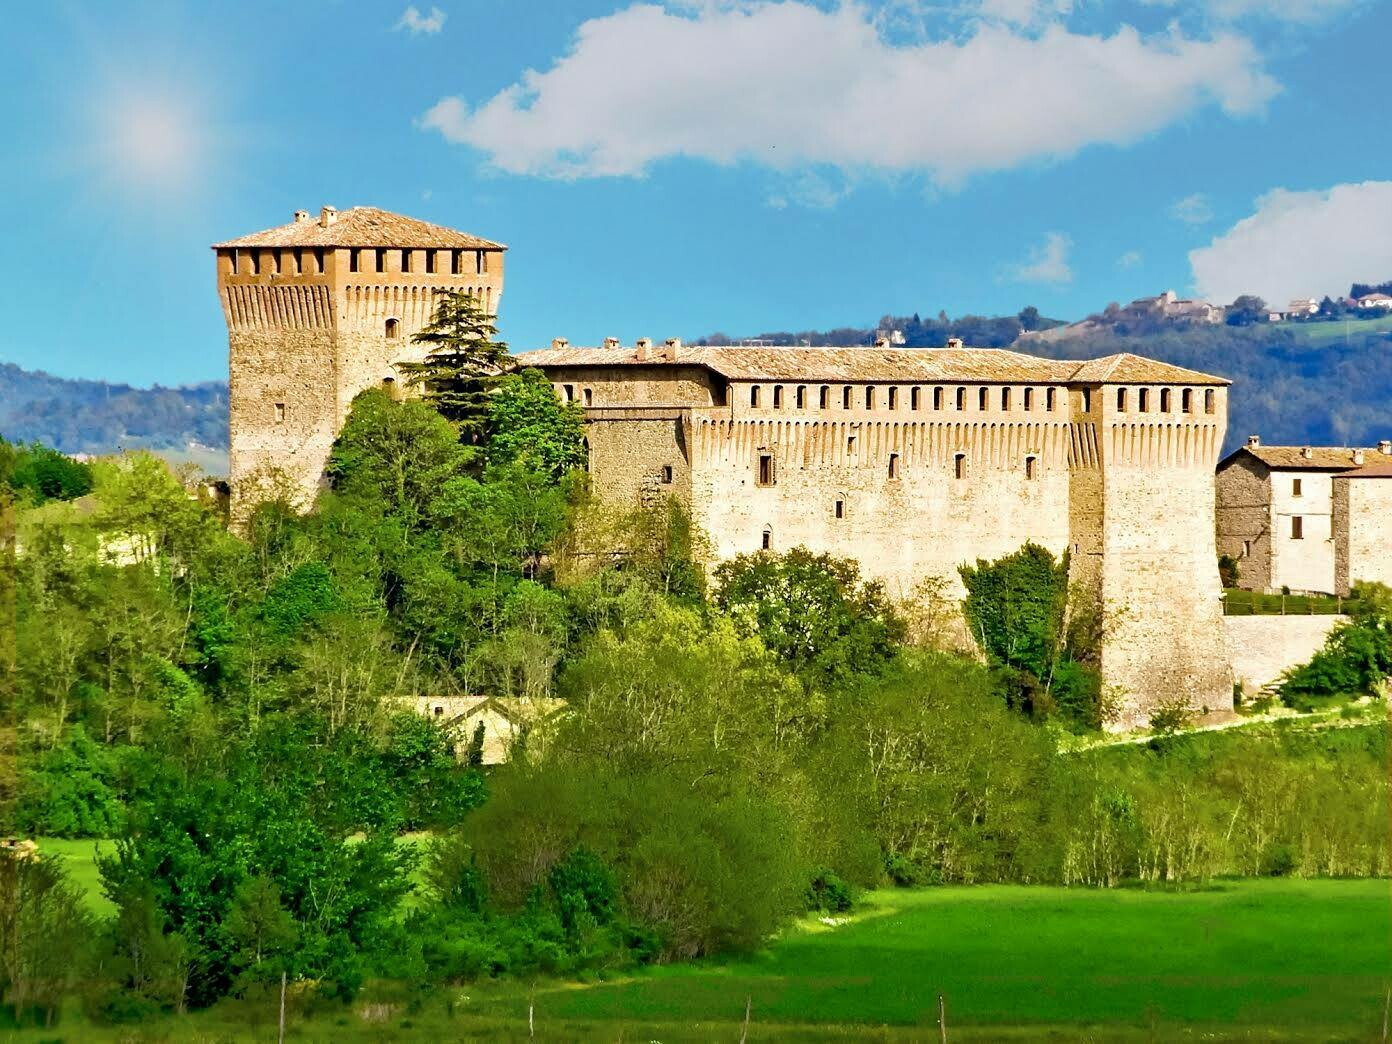 Visita in Notturna al Castello di Varano!!